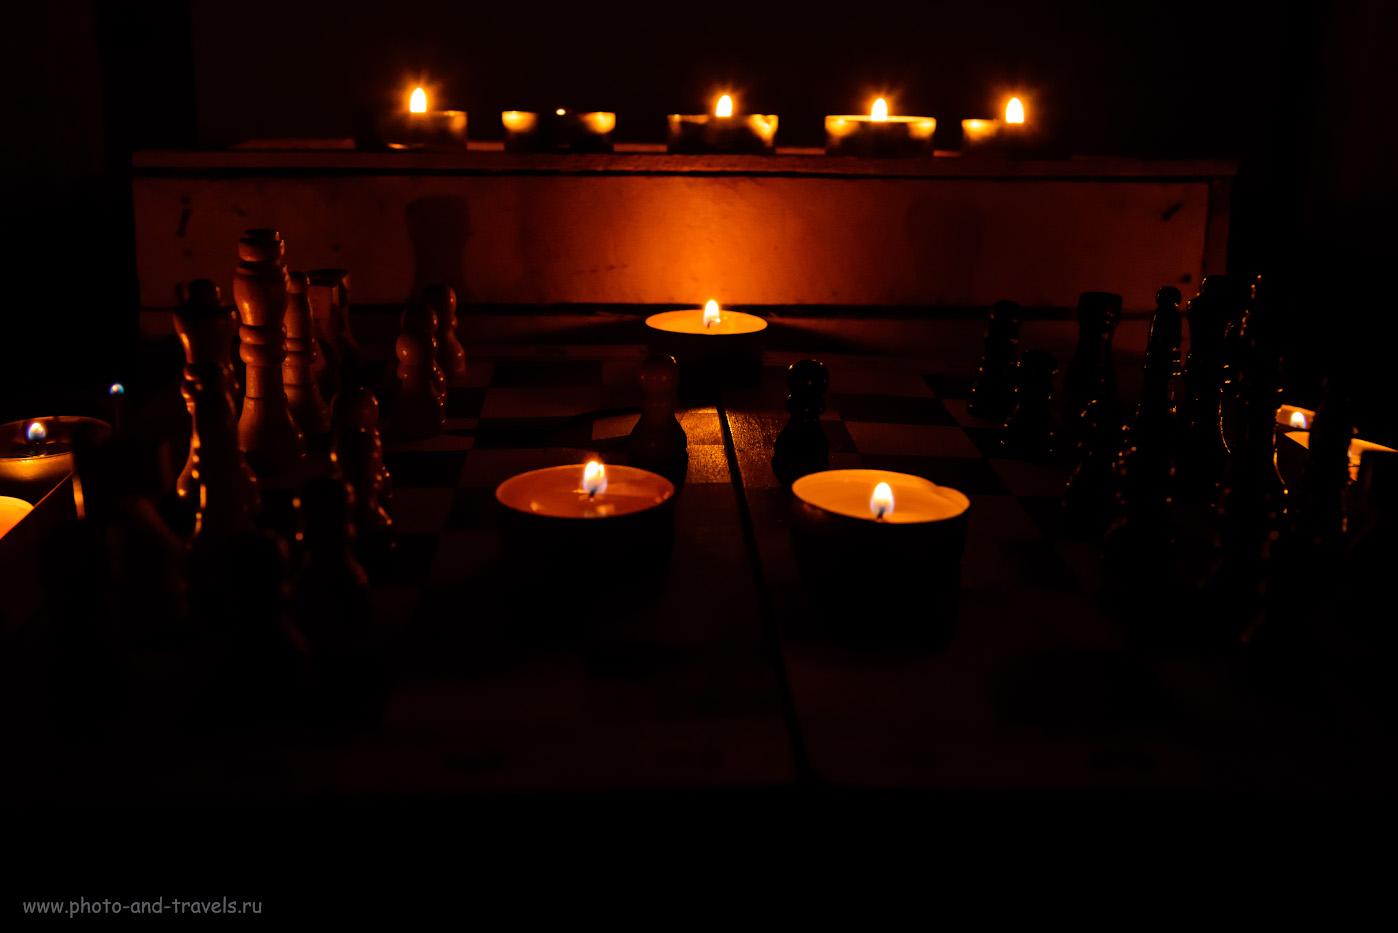 15. Имитация съемки портрета рядом с огнями горы Янарташ. Снято на Nikon D610 + Nikon 24-70mm f/2.8G. Настройки: 1/30, 8.0, 3200, 40.